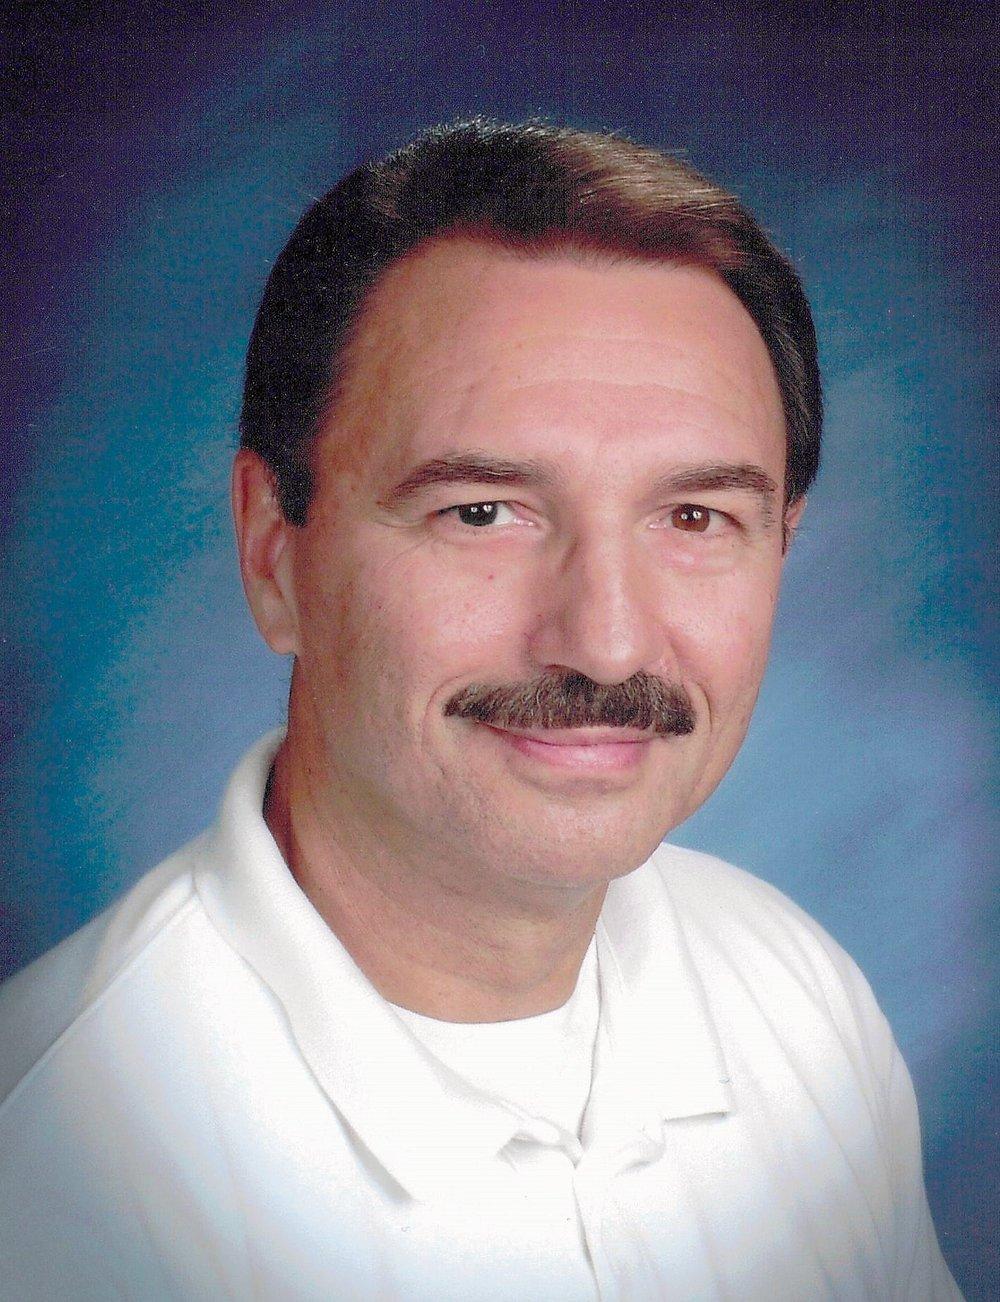 2007 La Jolla Teacher Photo